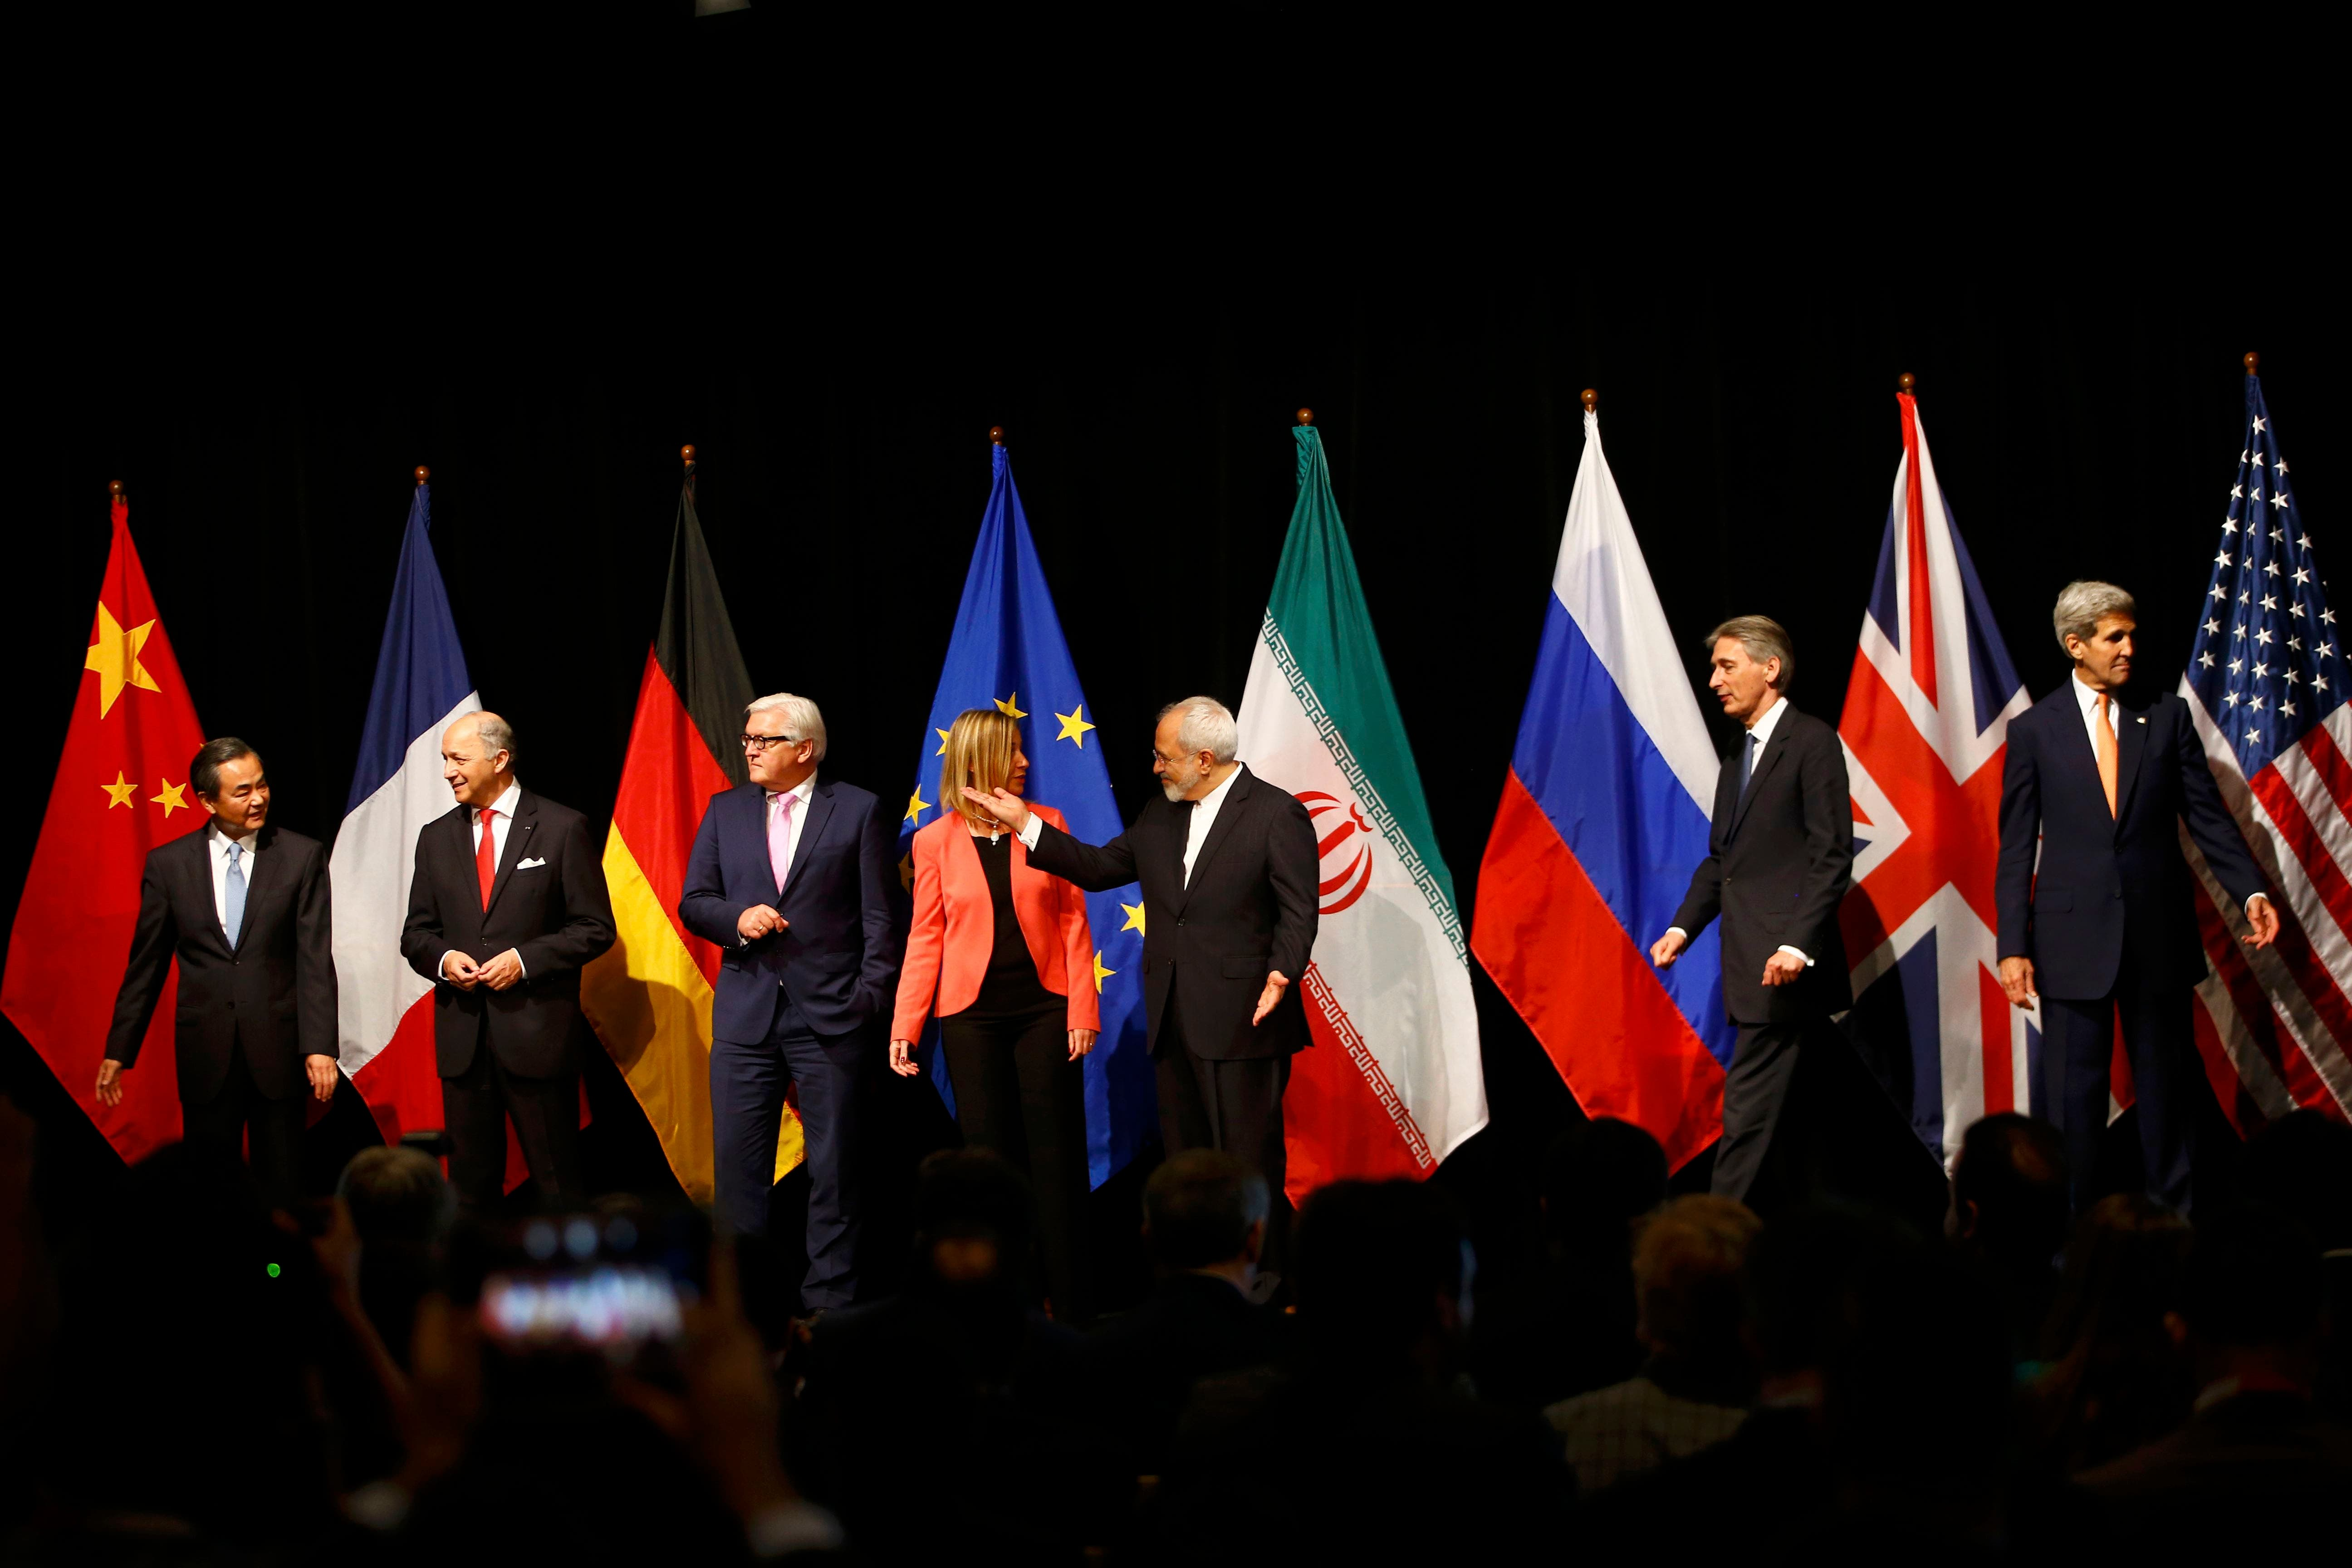 أهم نقاط الاتفاق النووي من وجهة نظر إيرانية 9d1d30fa-4f17-4c44-845b-229bd7579429